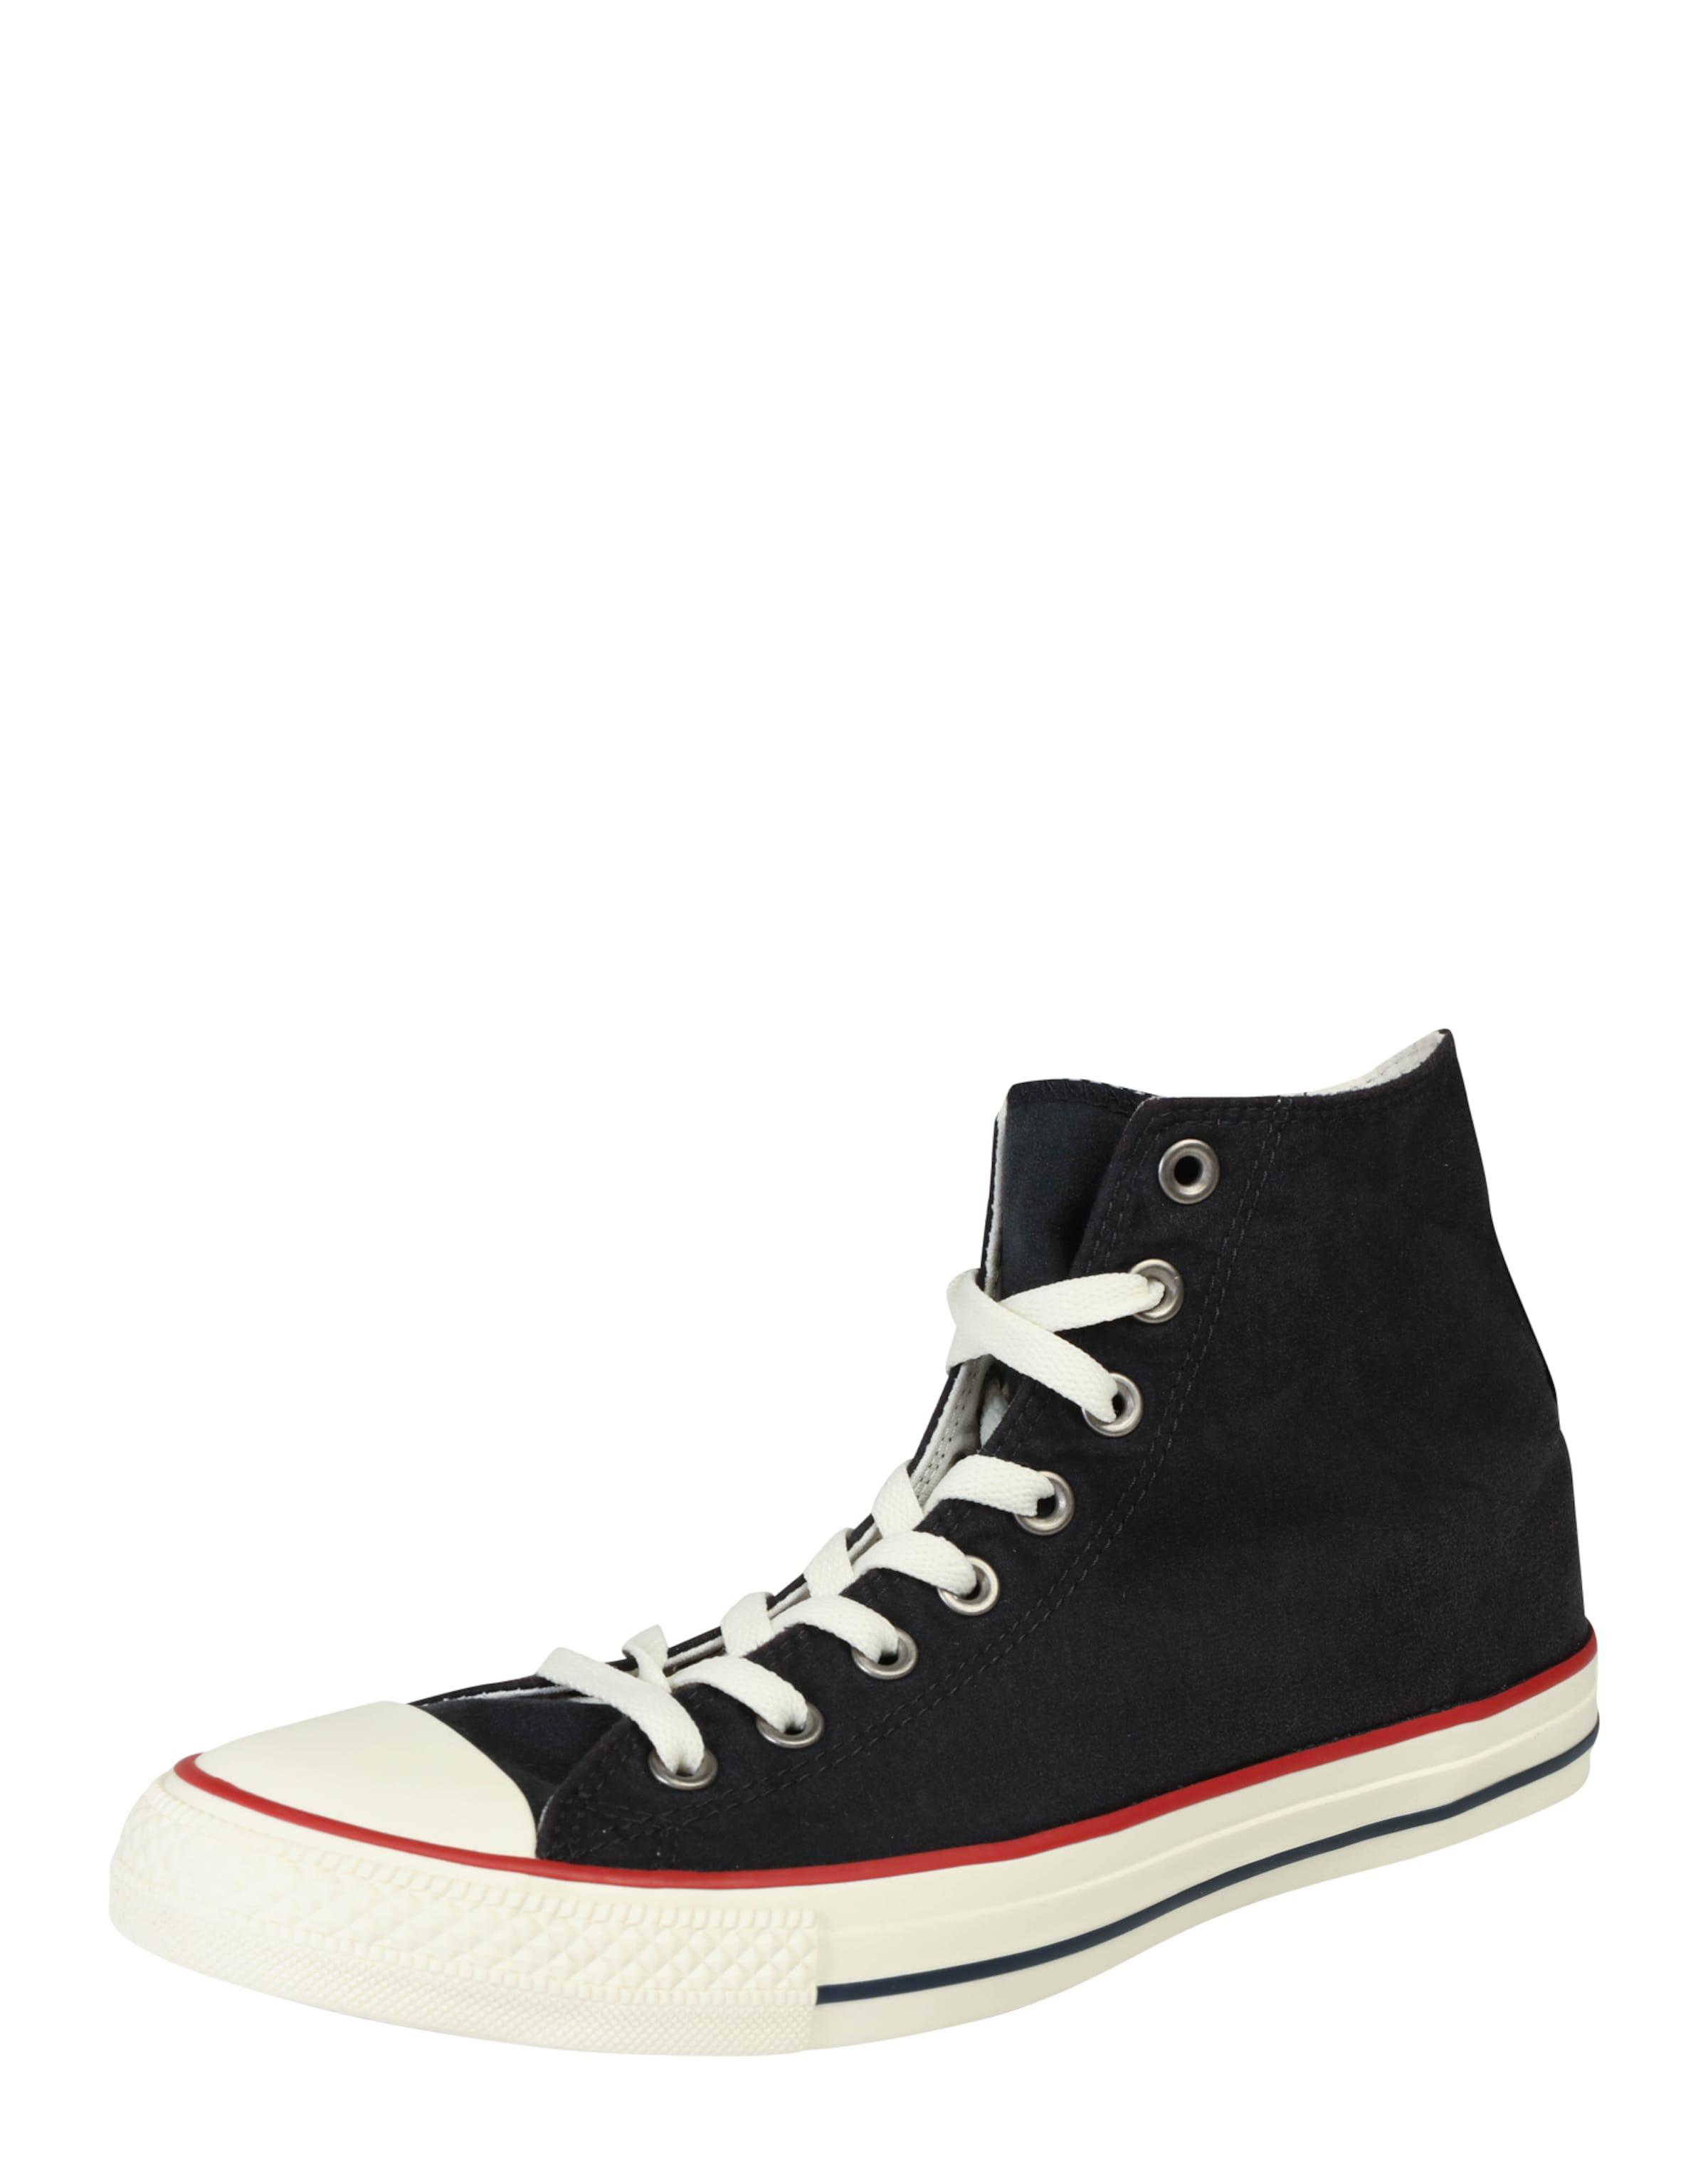 Günstigsten Preis Zu Verkaufen CONVERSE Sneaker High 'Chuck tailor all star' Billig Verkauf 100% Original Eastbay Verkauf Online Günstig Kaufen Preis Kaufen Sie Günstig Online Preis e0oAcoo